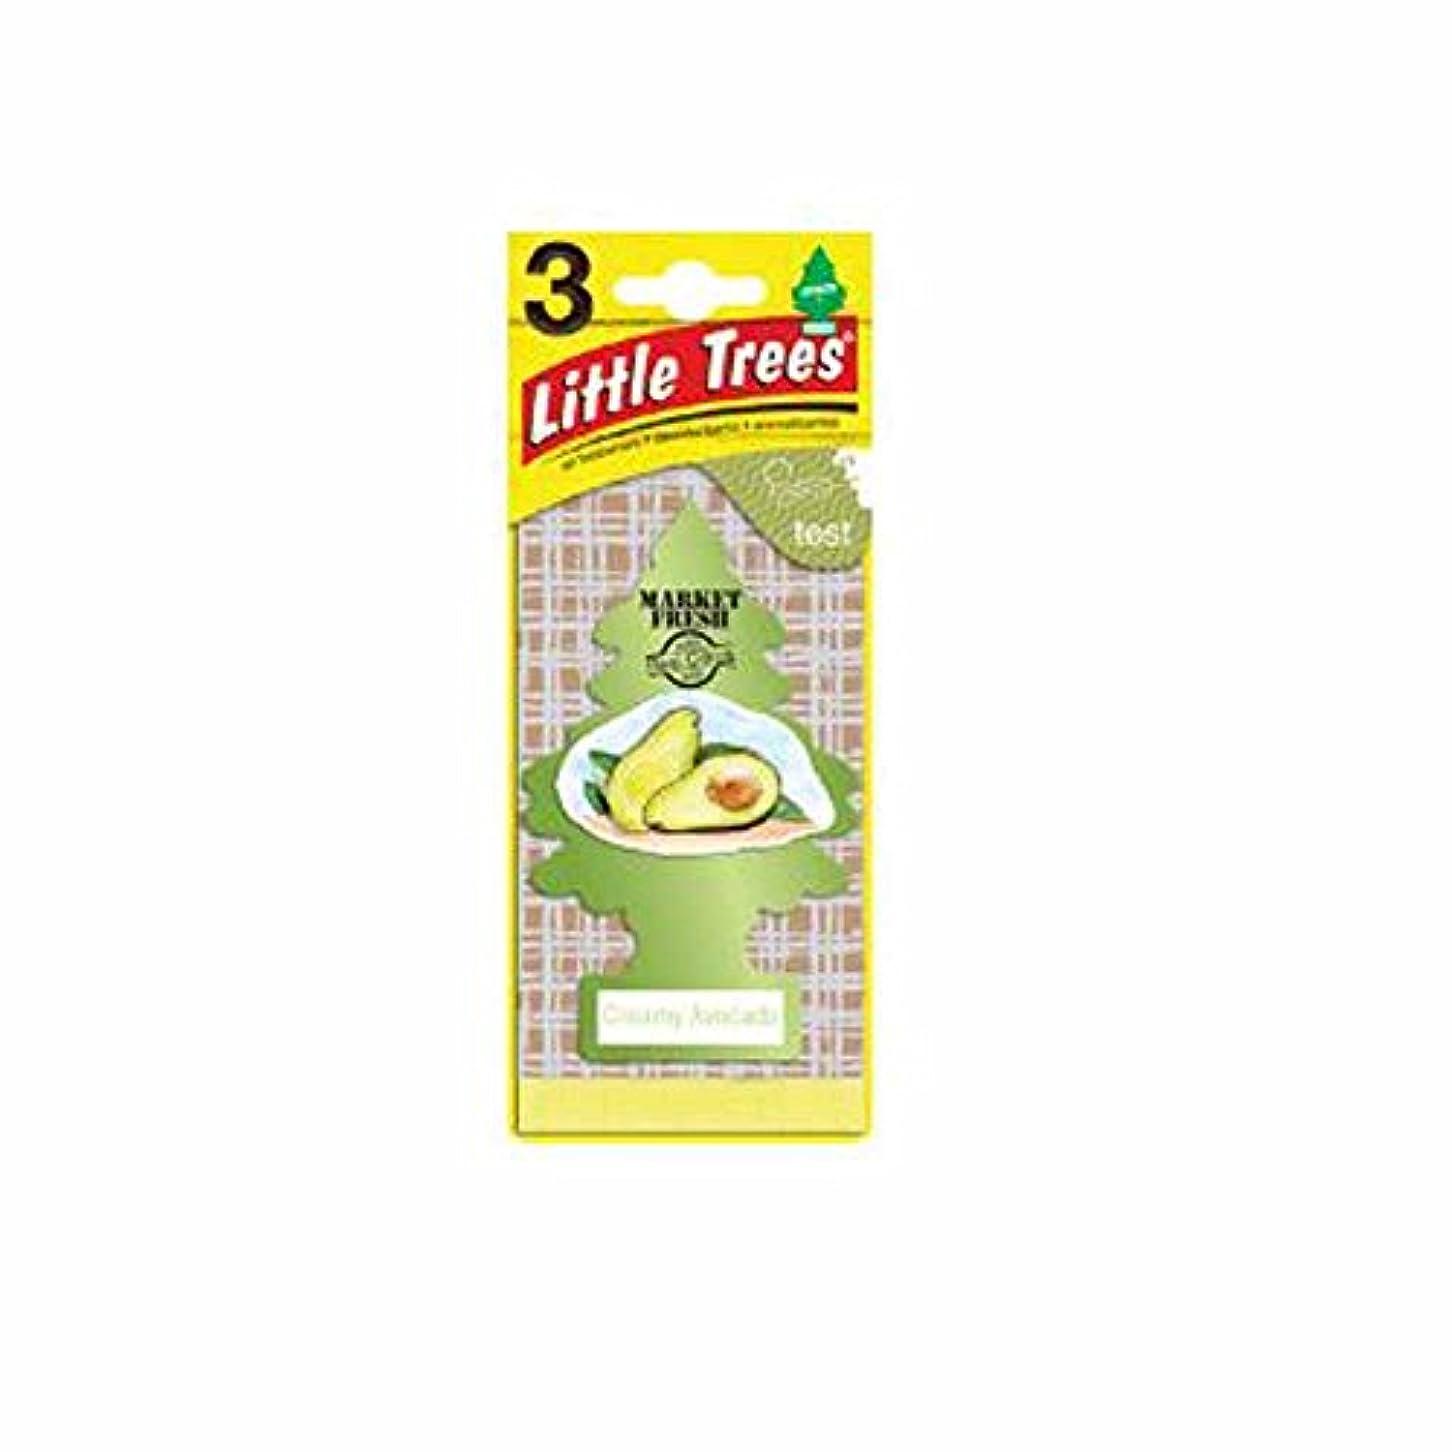 毎年真面目な盆地Little Trees 吊下げタイプ エアーフレッシュナー creamy avocado(クリーミーアボカド) 3枚セット(3P) U3S-37340